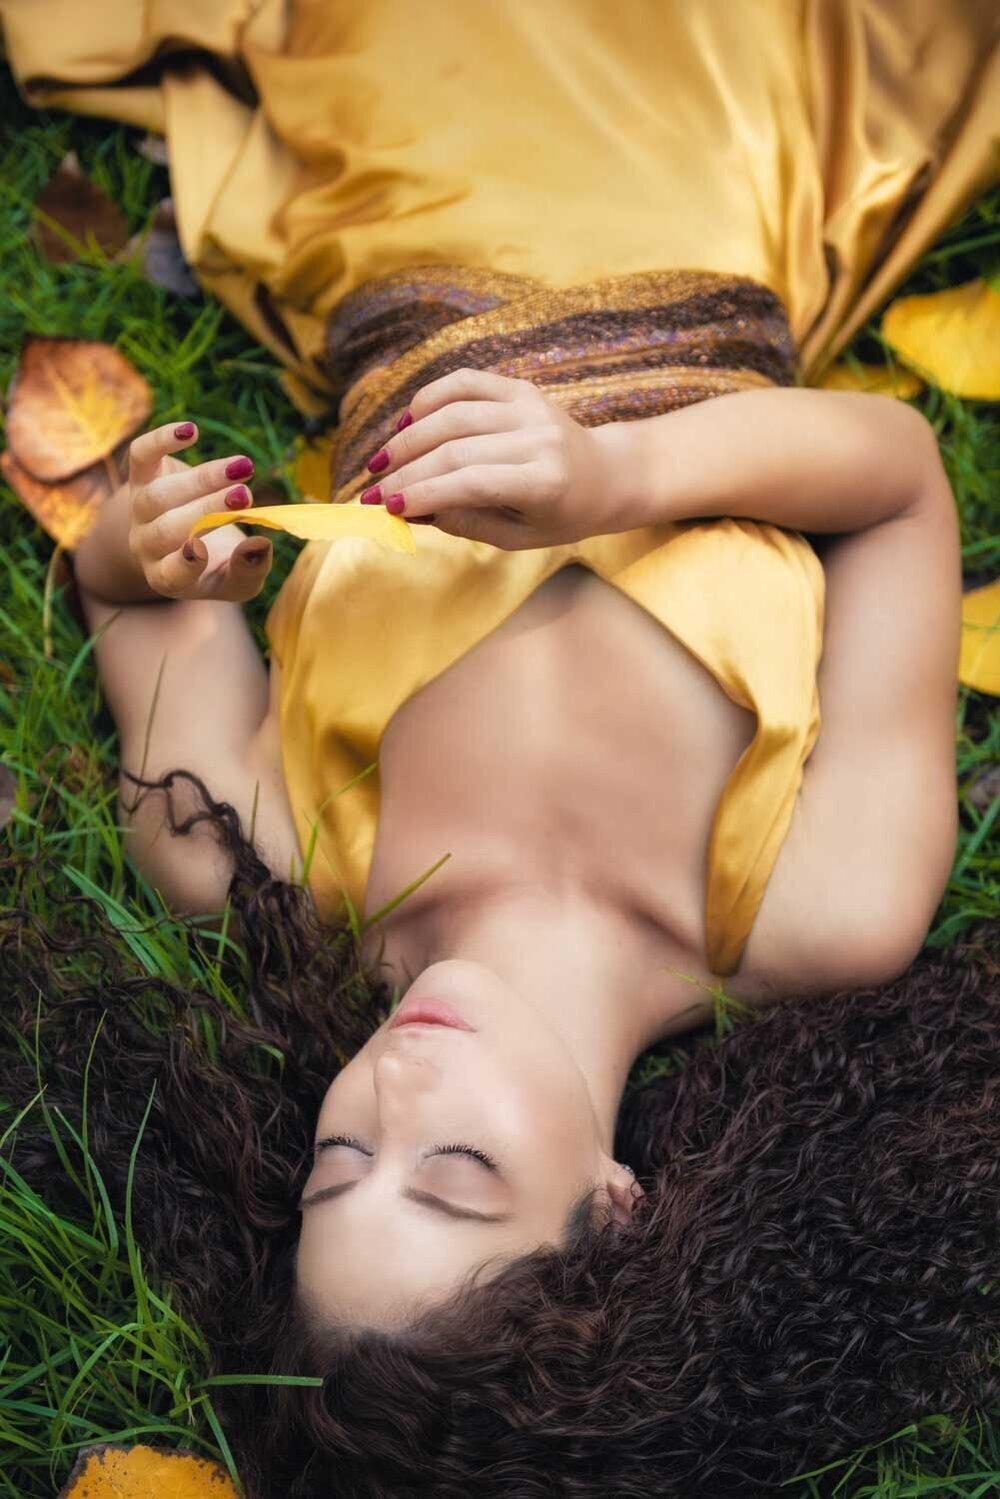 בחורה בשמלת זהב שוכבת הפוך על הדשא